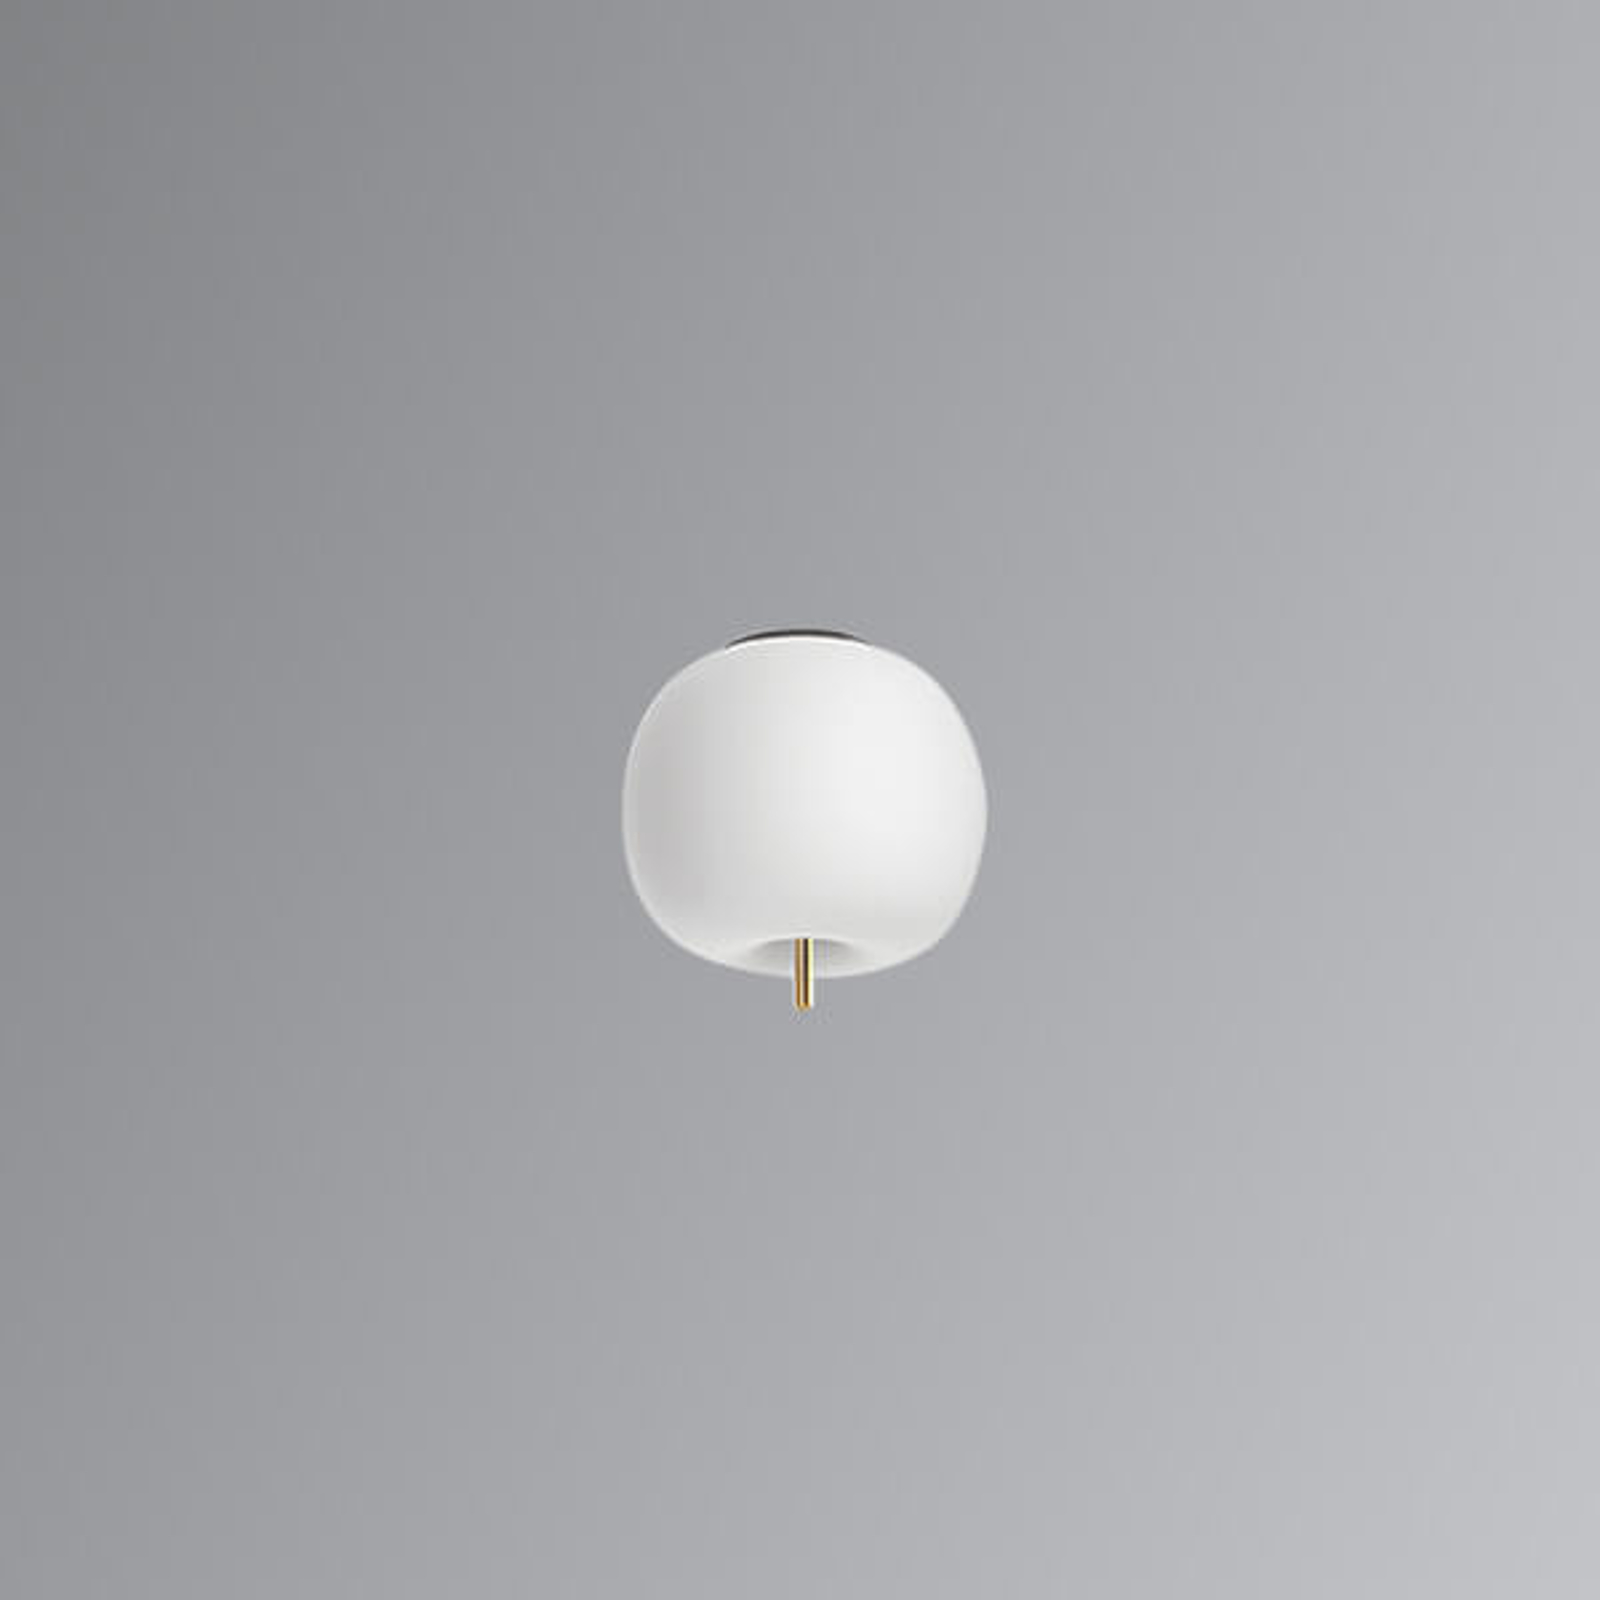 Designerska lampa sufitowa LED Kushi, 16 cm